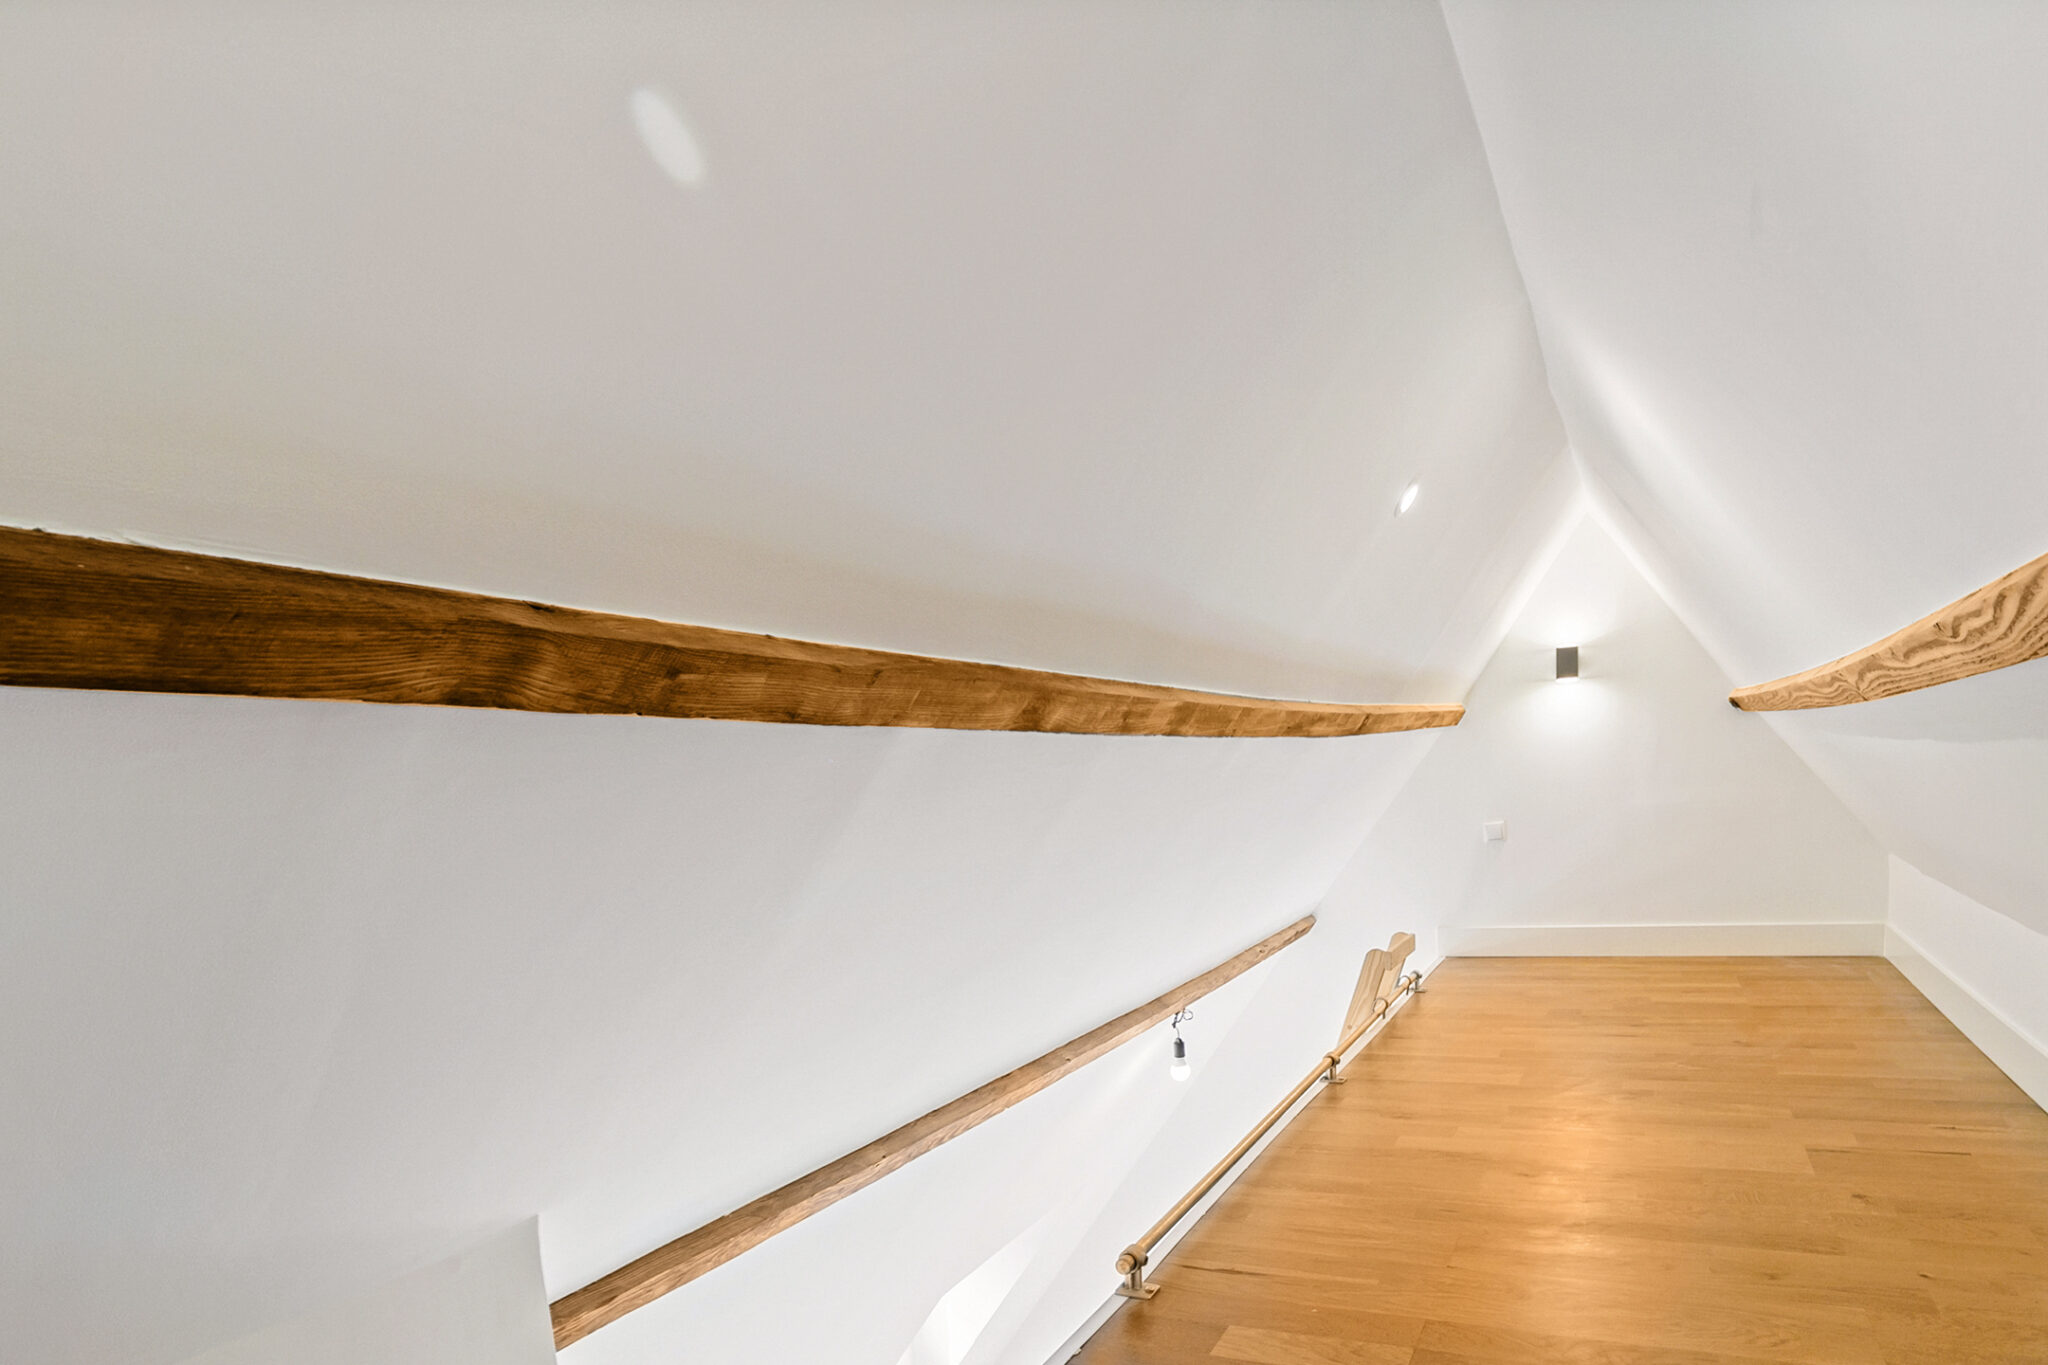 Pieter van Aschstraat 2B slaapkamer met ruime vliering annex slaap-speelplek2